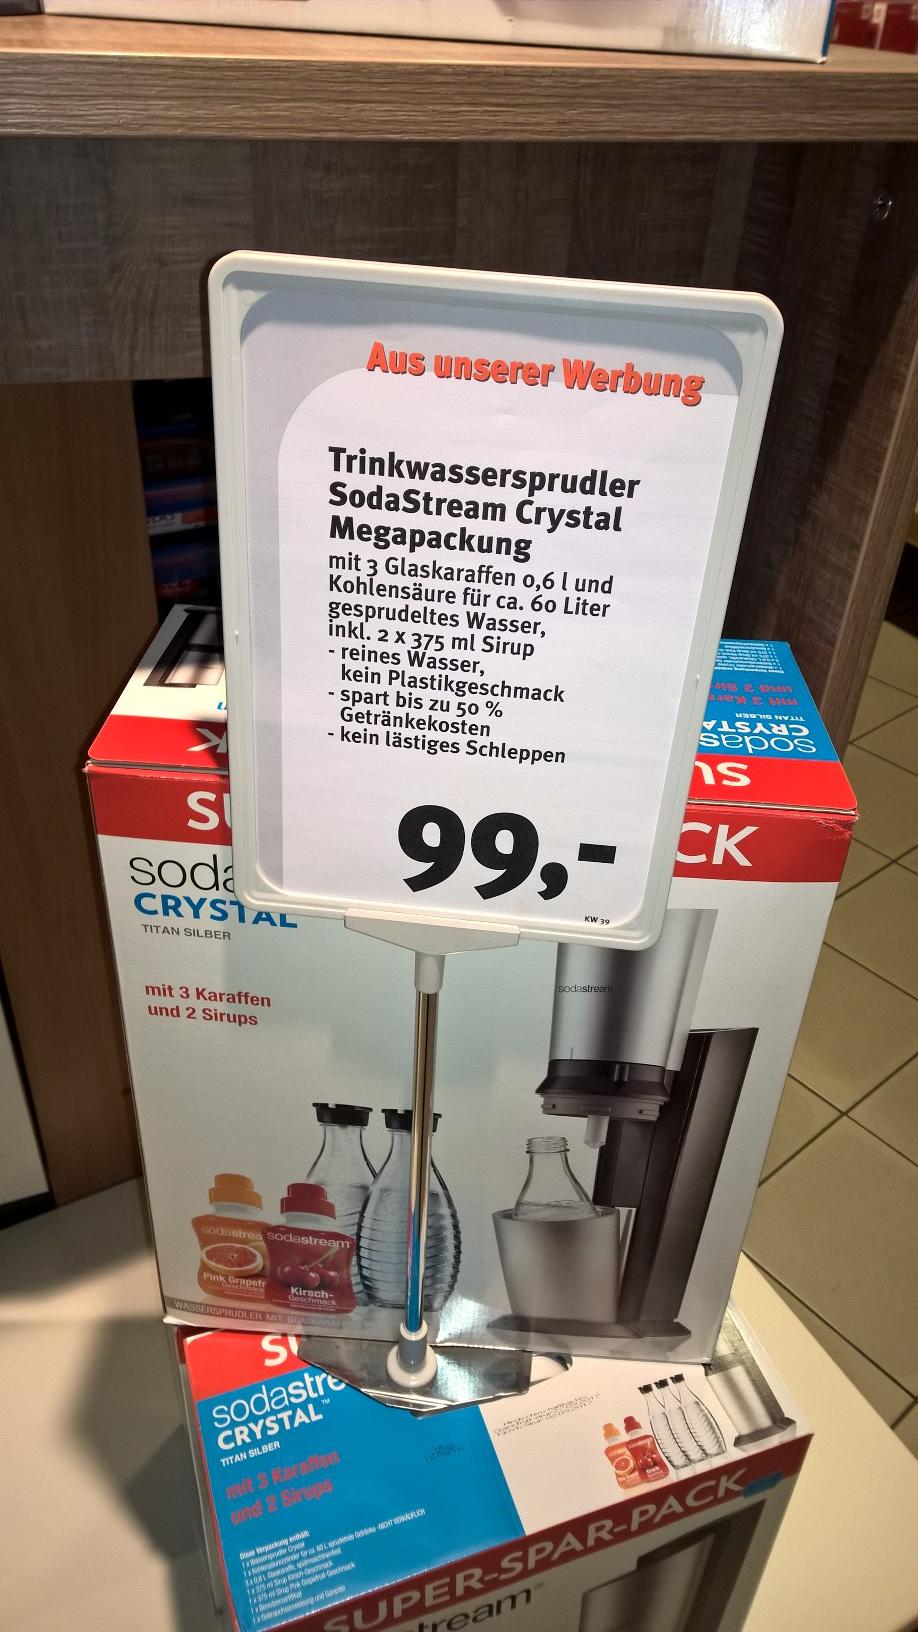 SodaStream Crystal Megapackung (evtl. Lokal) (Feneberg)